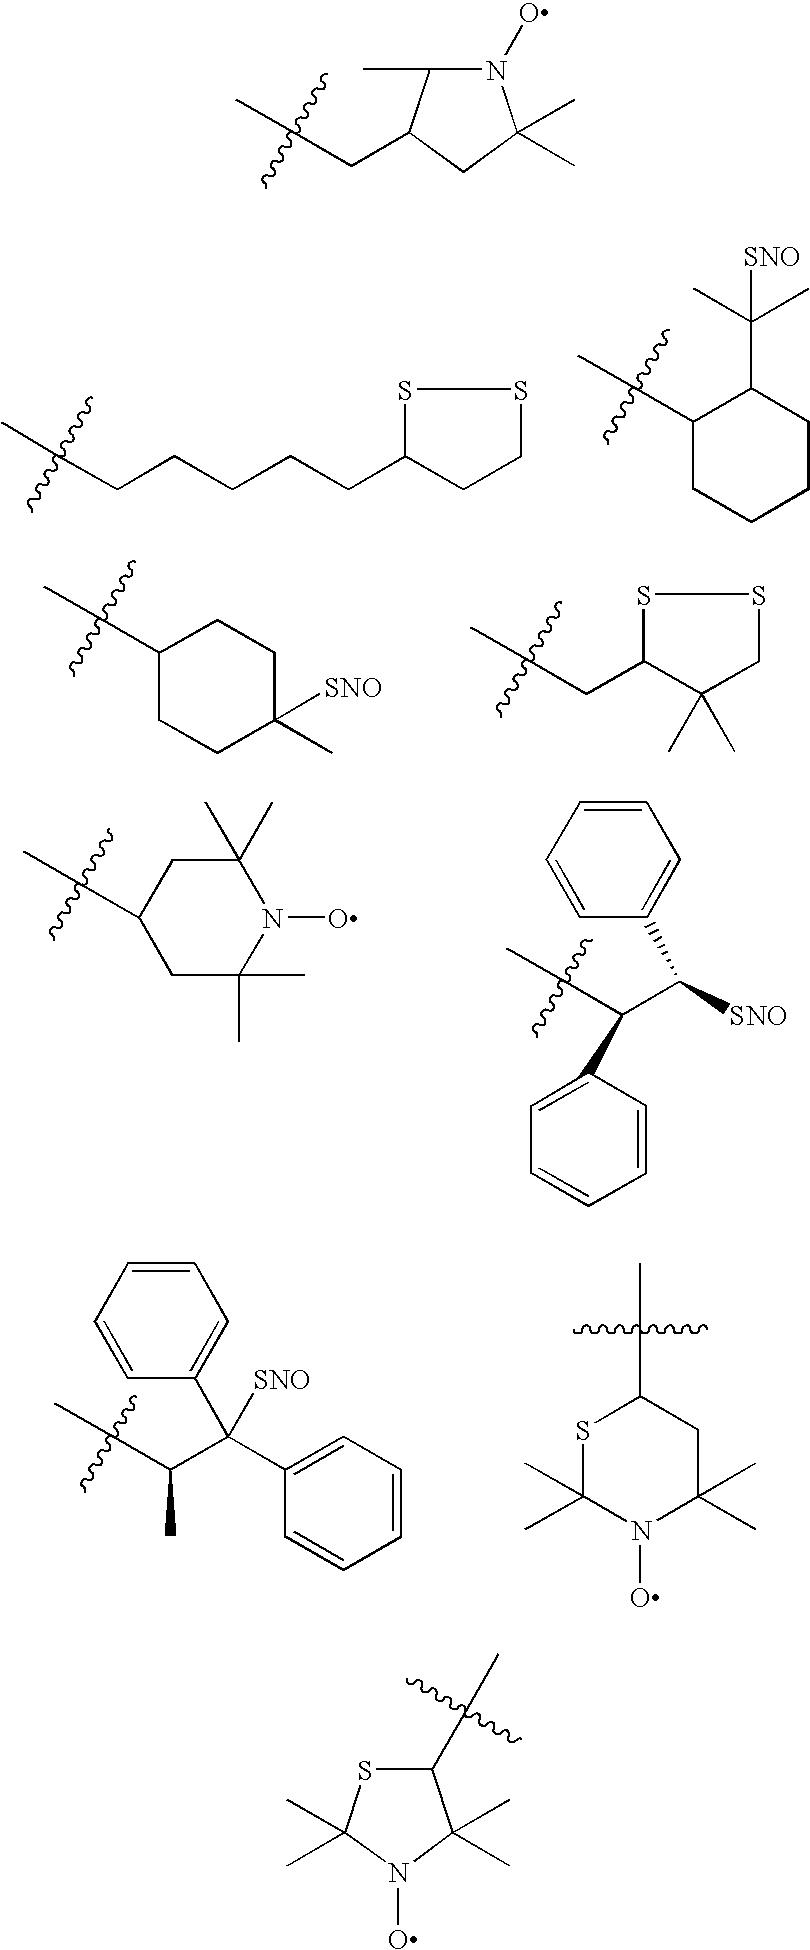 Figure US20050228184A1-20051013-C00003